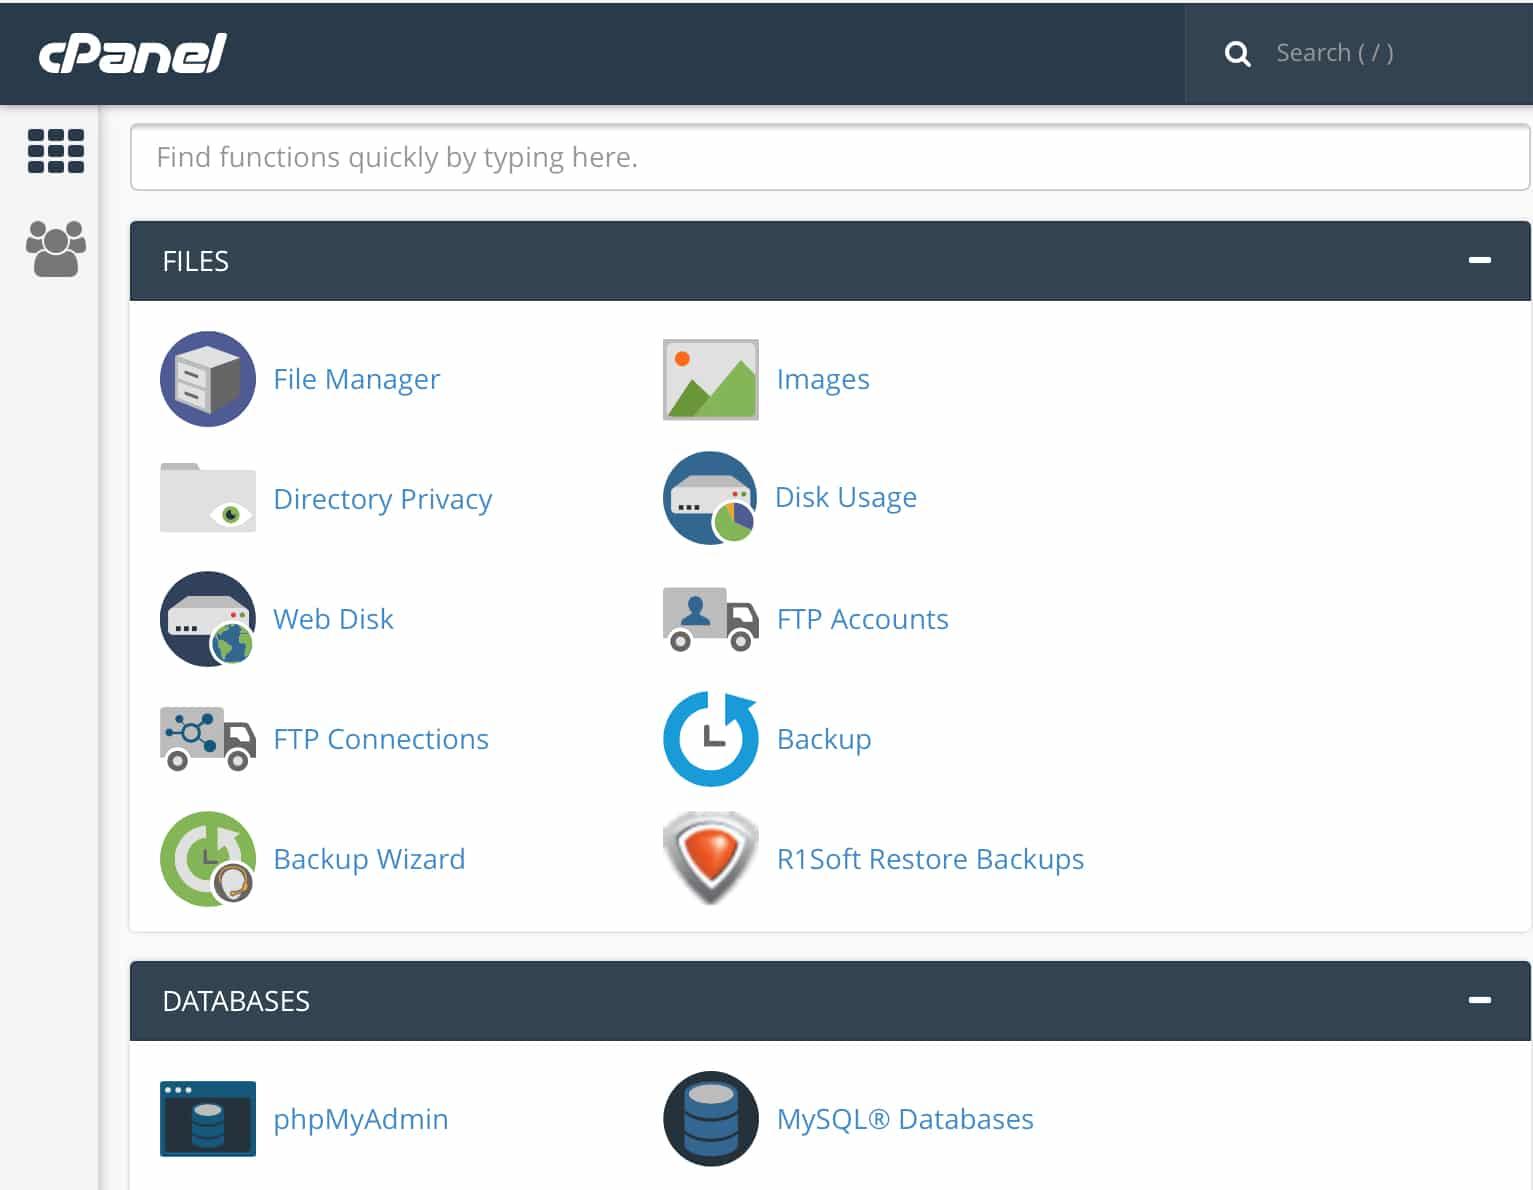 Sette PHP versjon for webhotell i cPanel